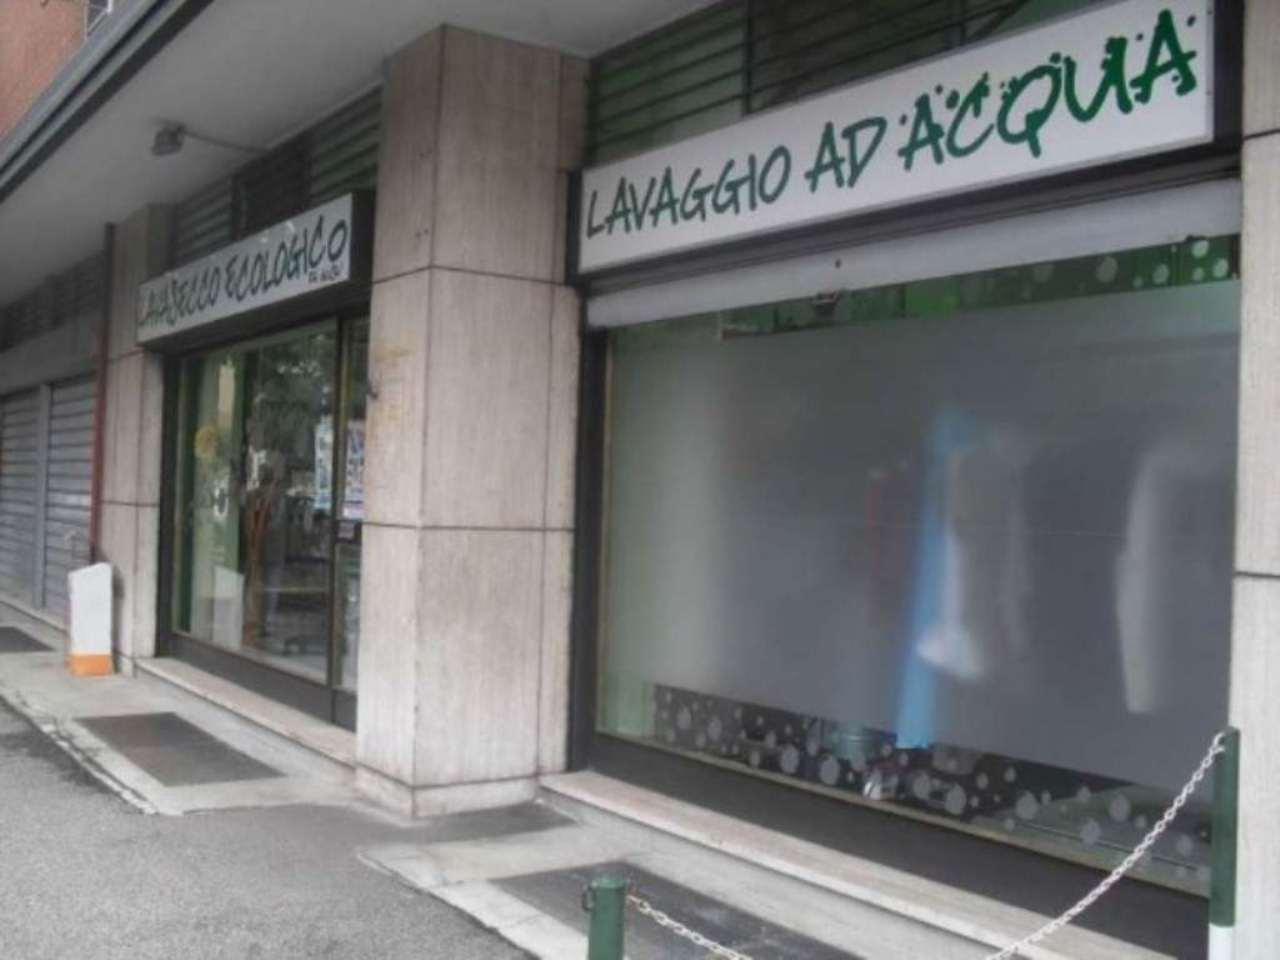 Negozio / Locale in vendita a Desio, 1 locali, prezzo € 73.000 | Cambio Casa.it